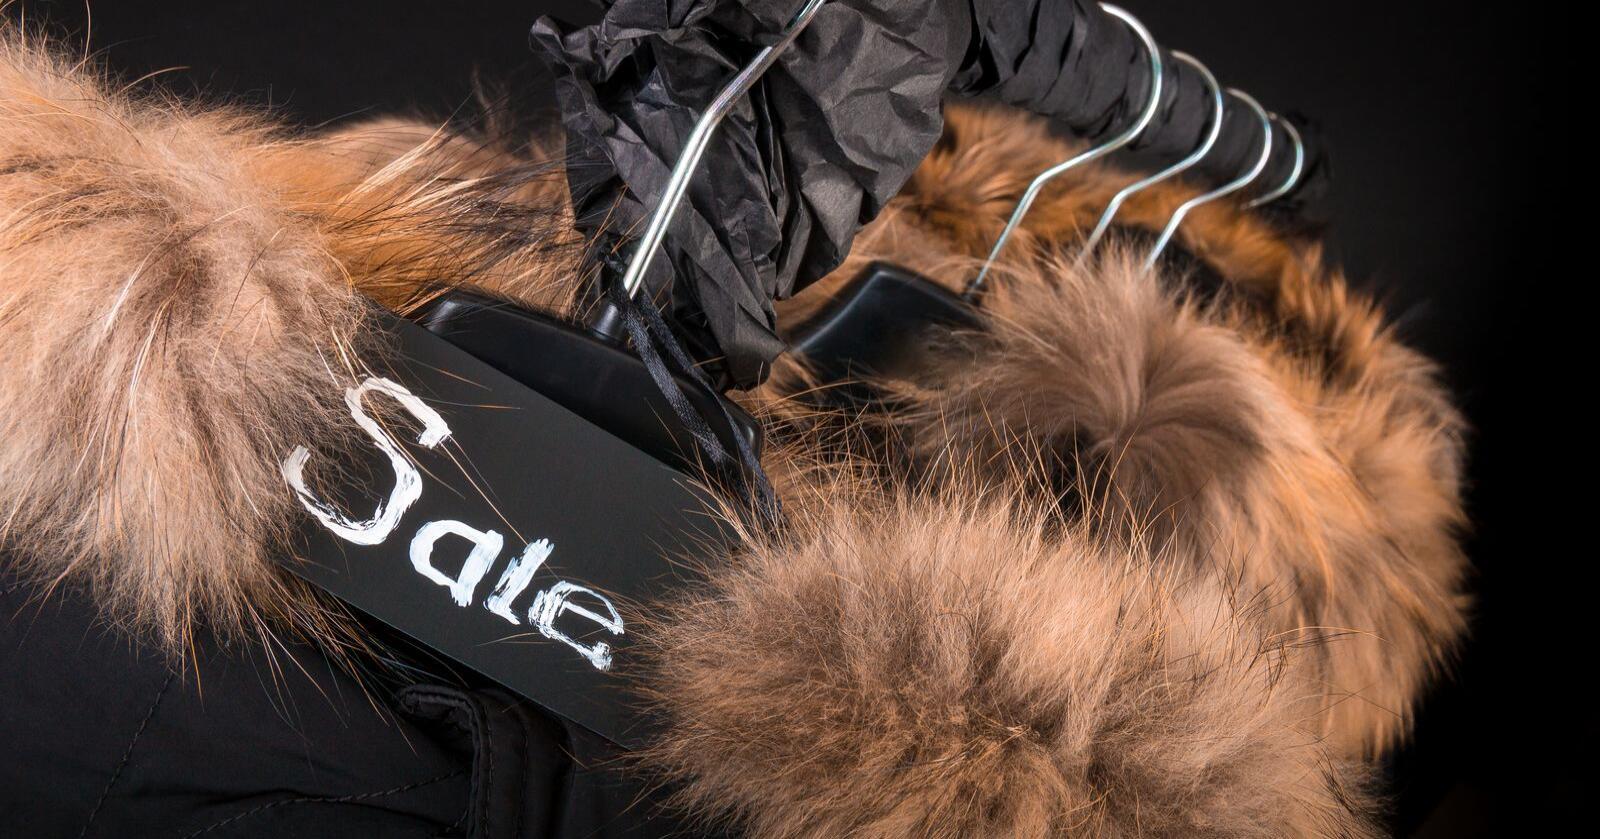 Pels i krager på vinterjakker er ikke uvanlig. Nå dropper Canada Goose prærieulv-pels på sine jakker. Illustrasjonsfoto: Illia Bondar/Mostphotos